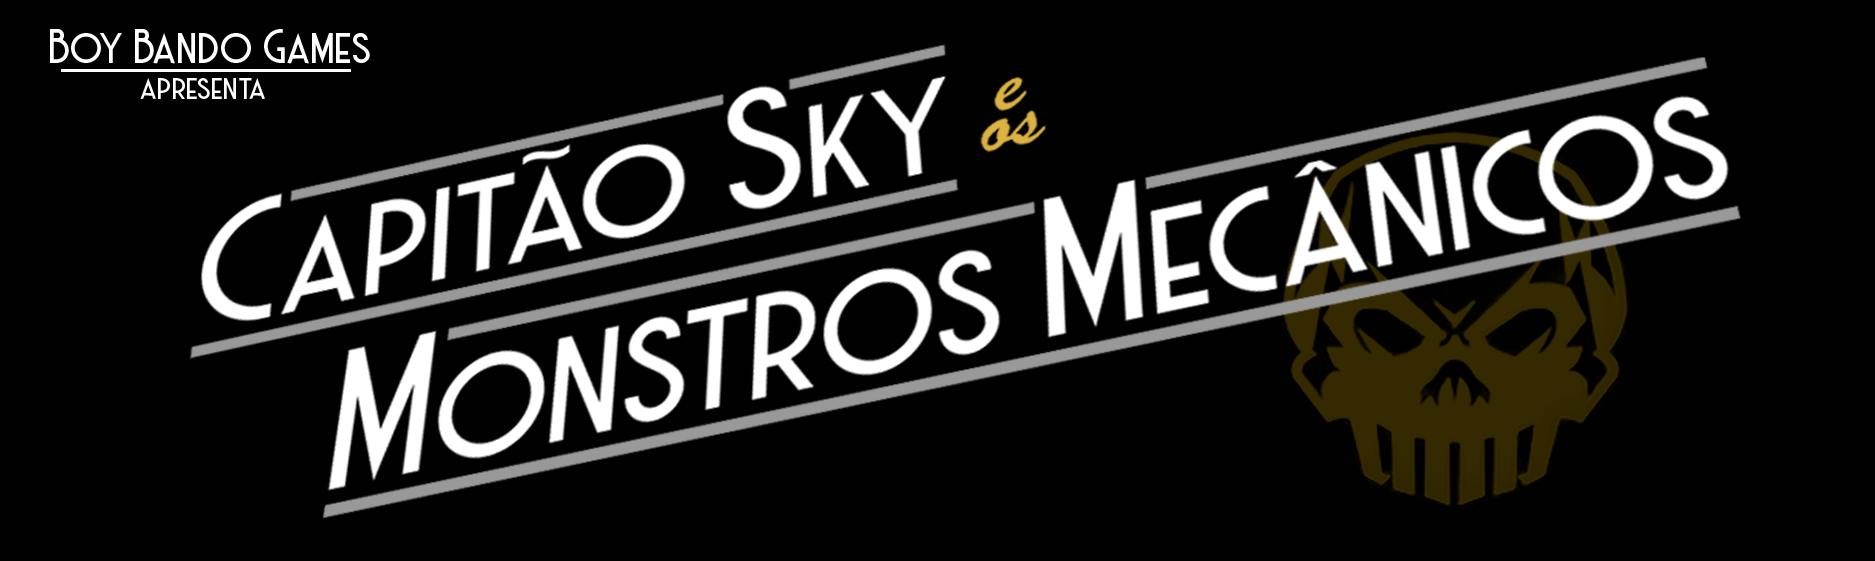 Capitão Sky e os Monstros Mecânicos